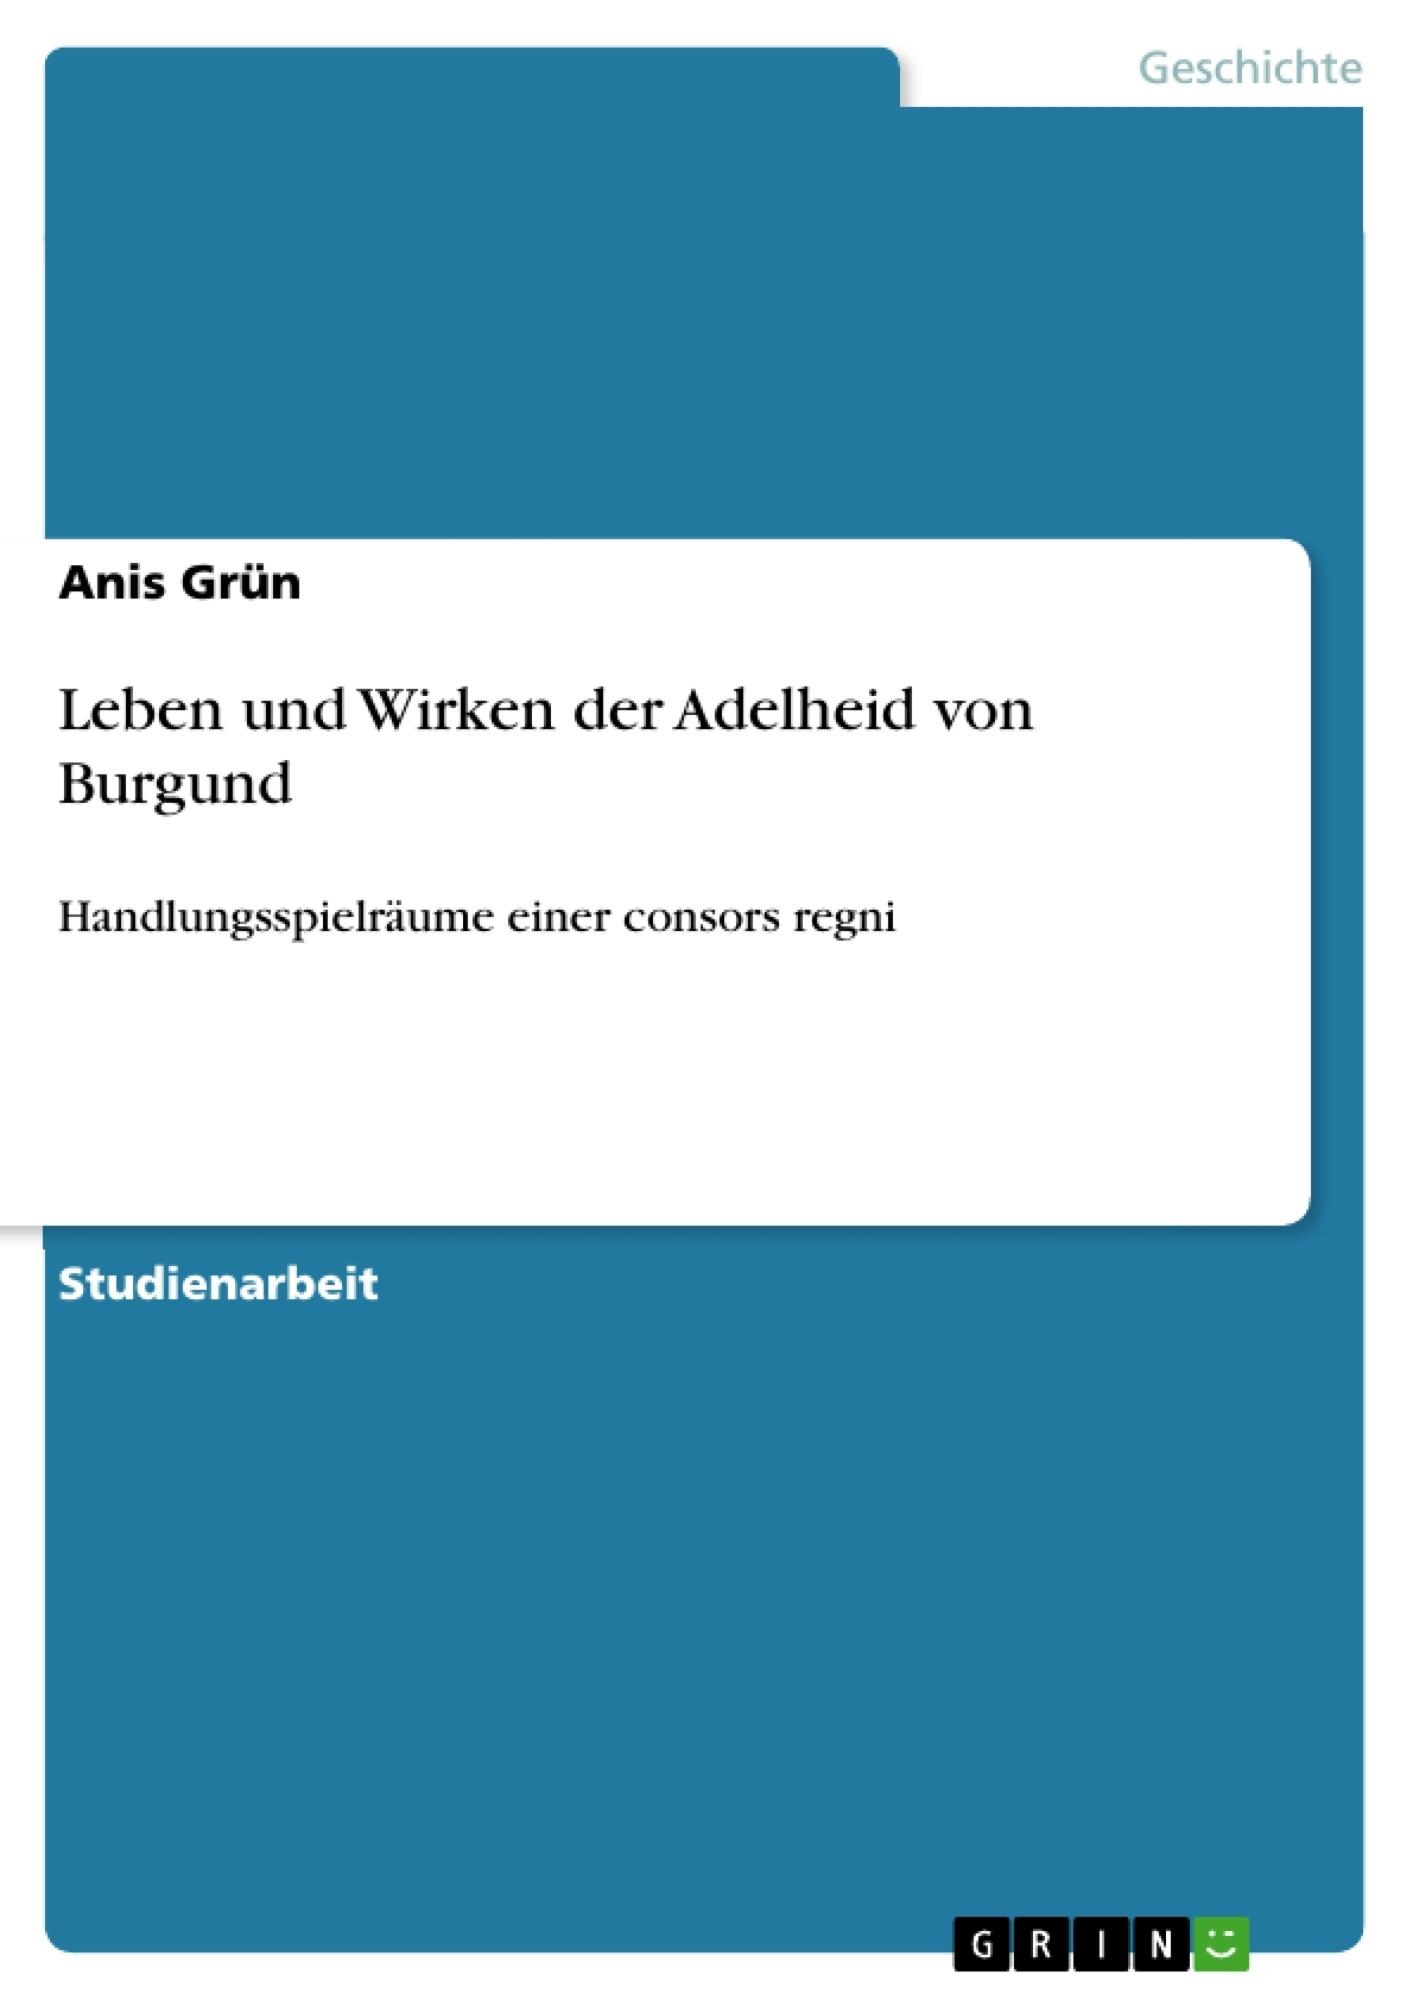 Titel: Leben und Wirken der Adelheid von Burgund